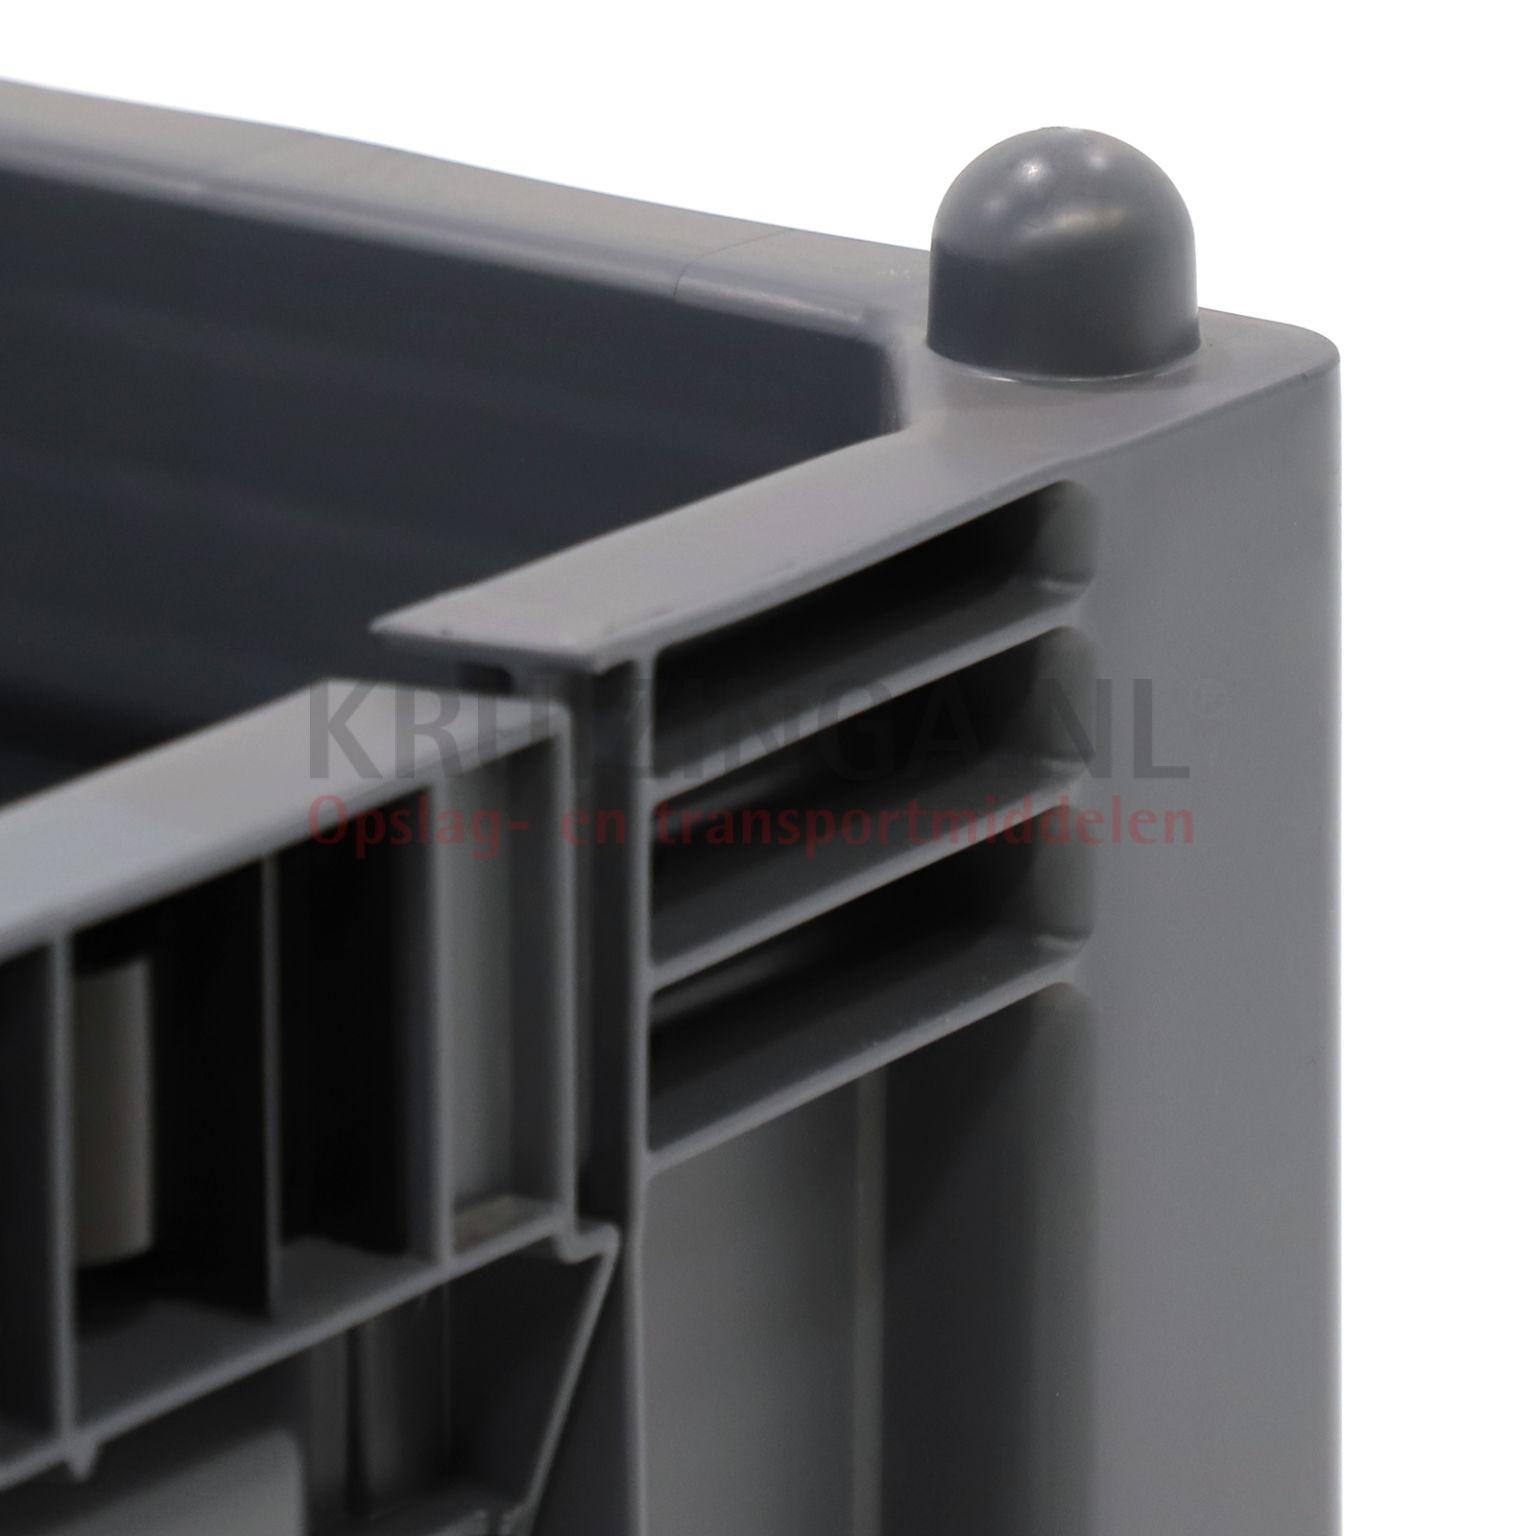 bac de rangement plastique caisse palette 1 clapet en 1 c t longue partir de 189 25 frais. Black Bedroom Furniture Sets. Home Design Ideas